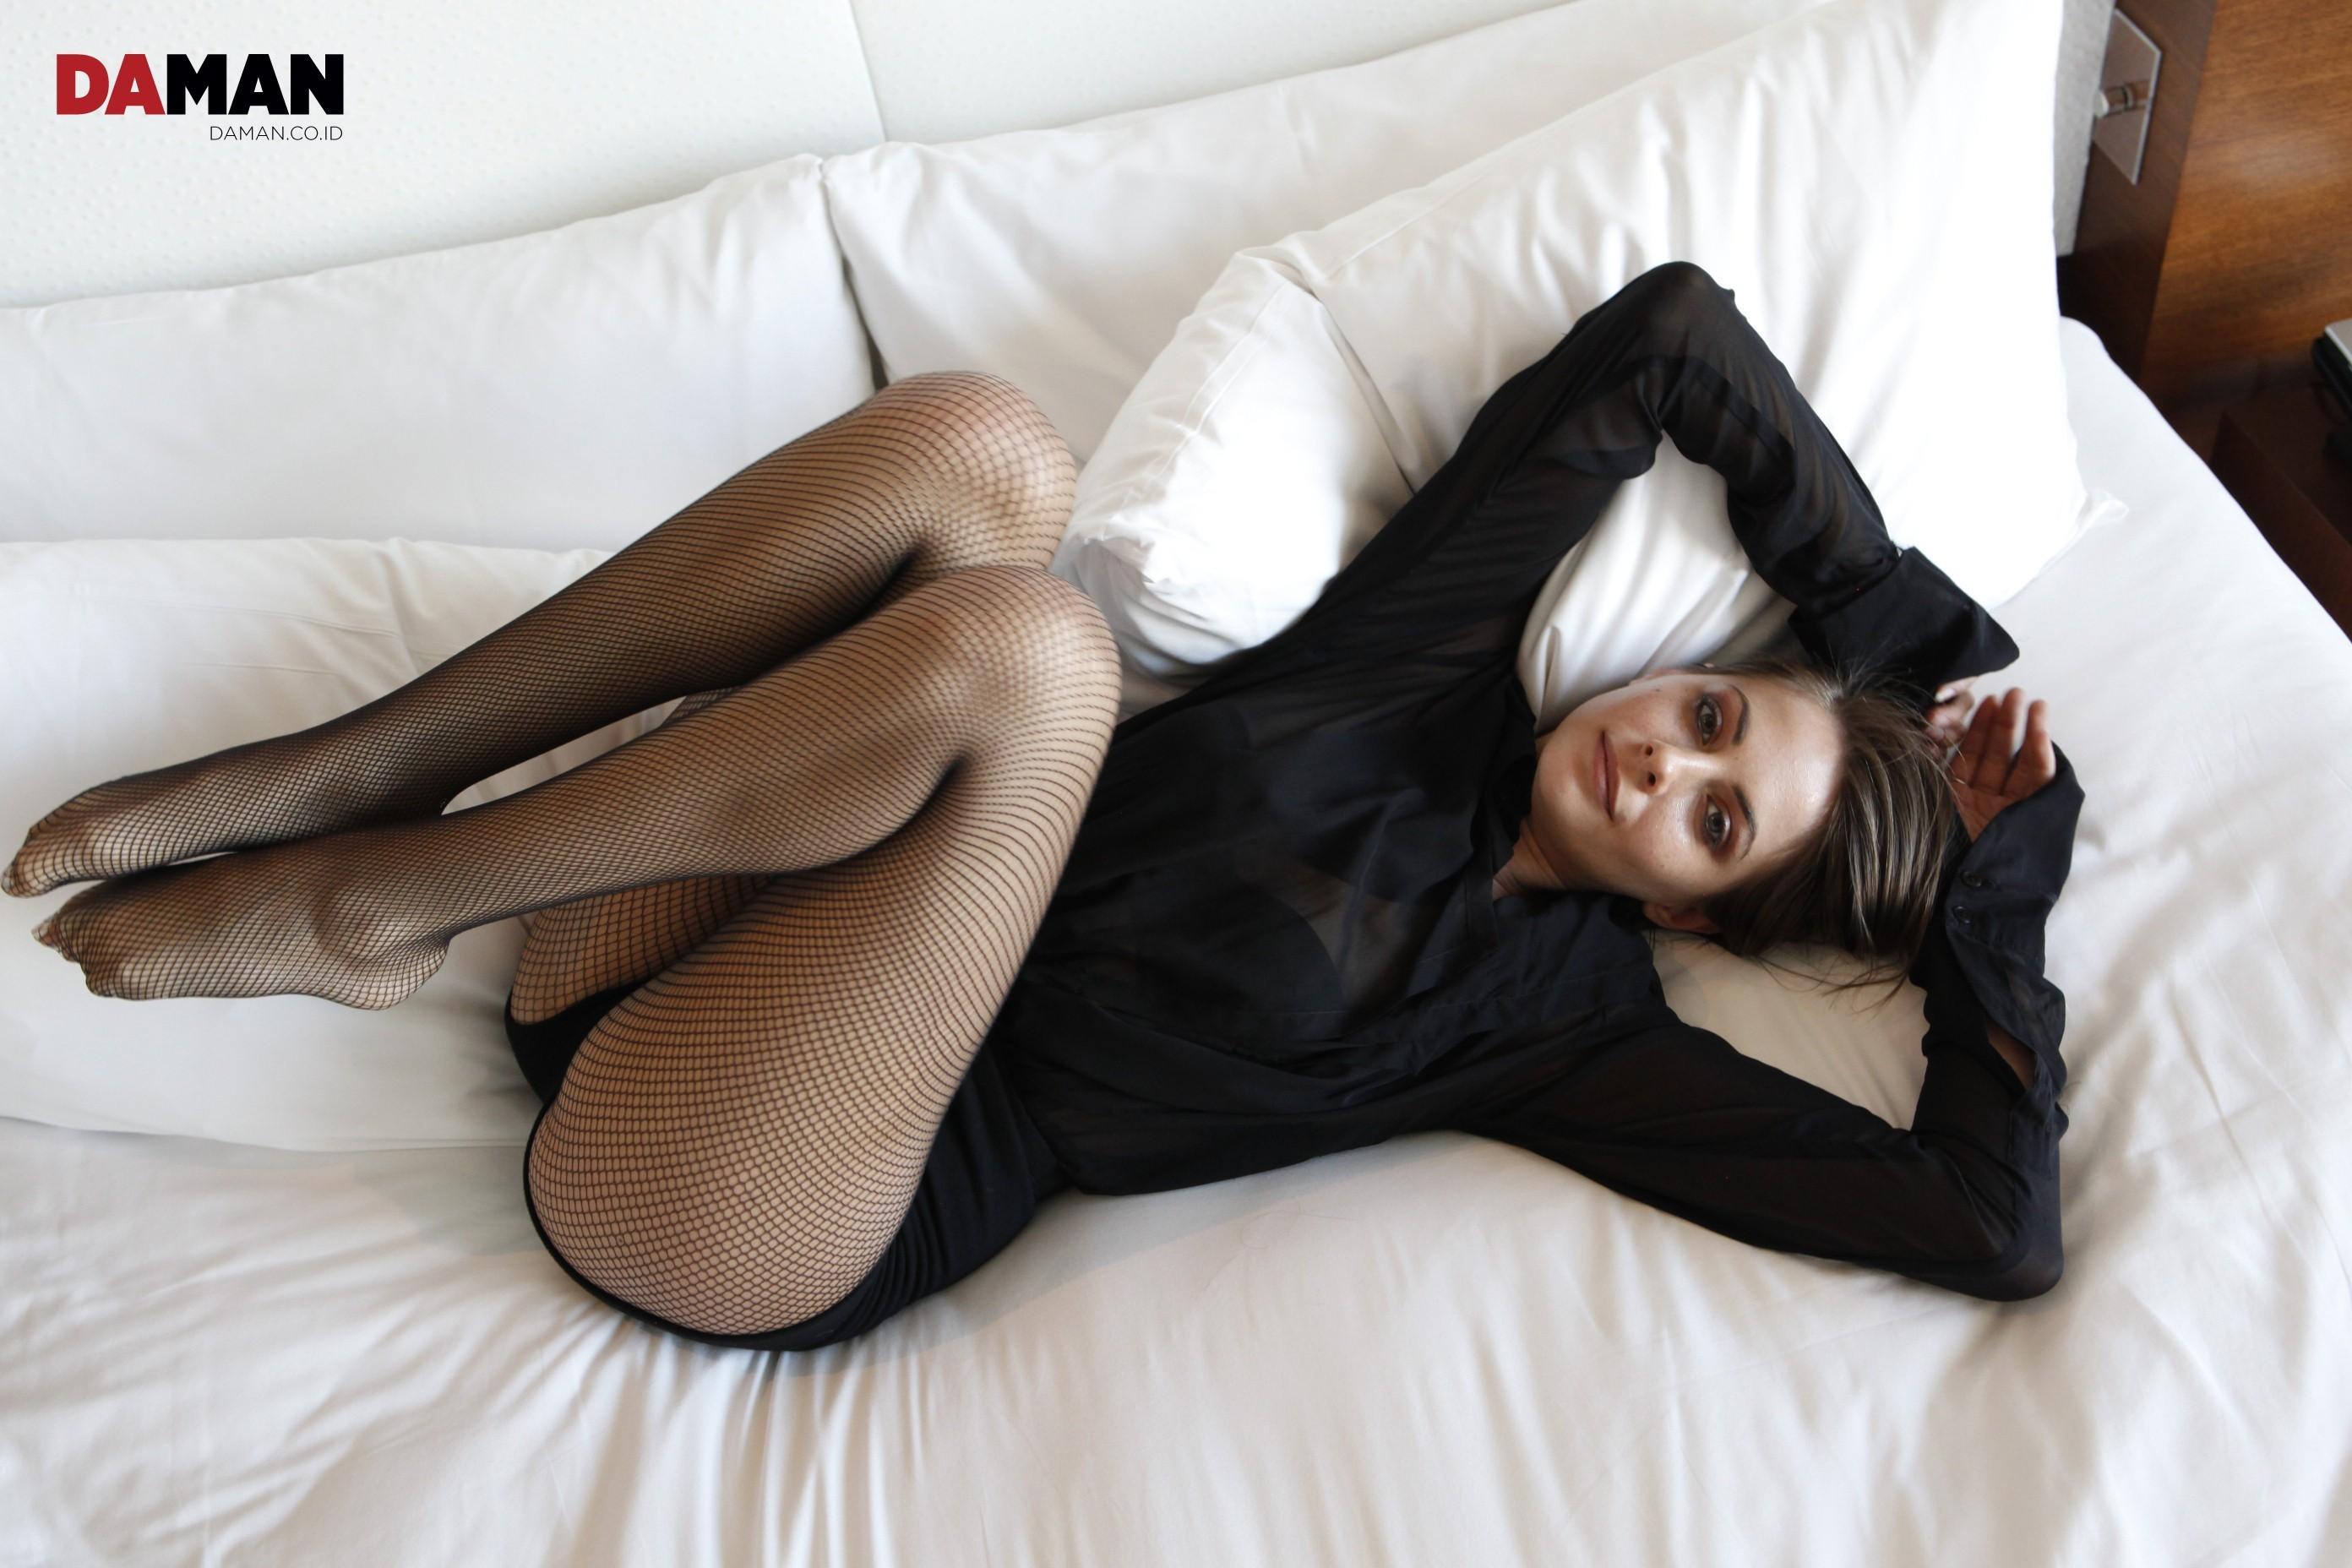 Porn ass leggings